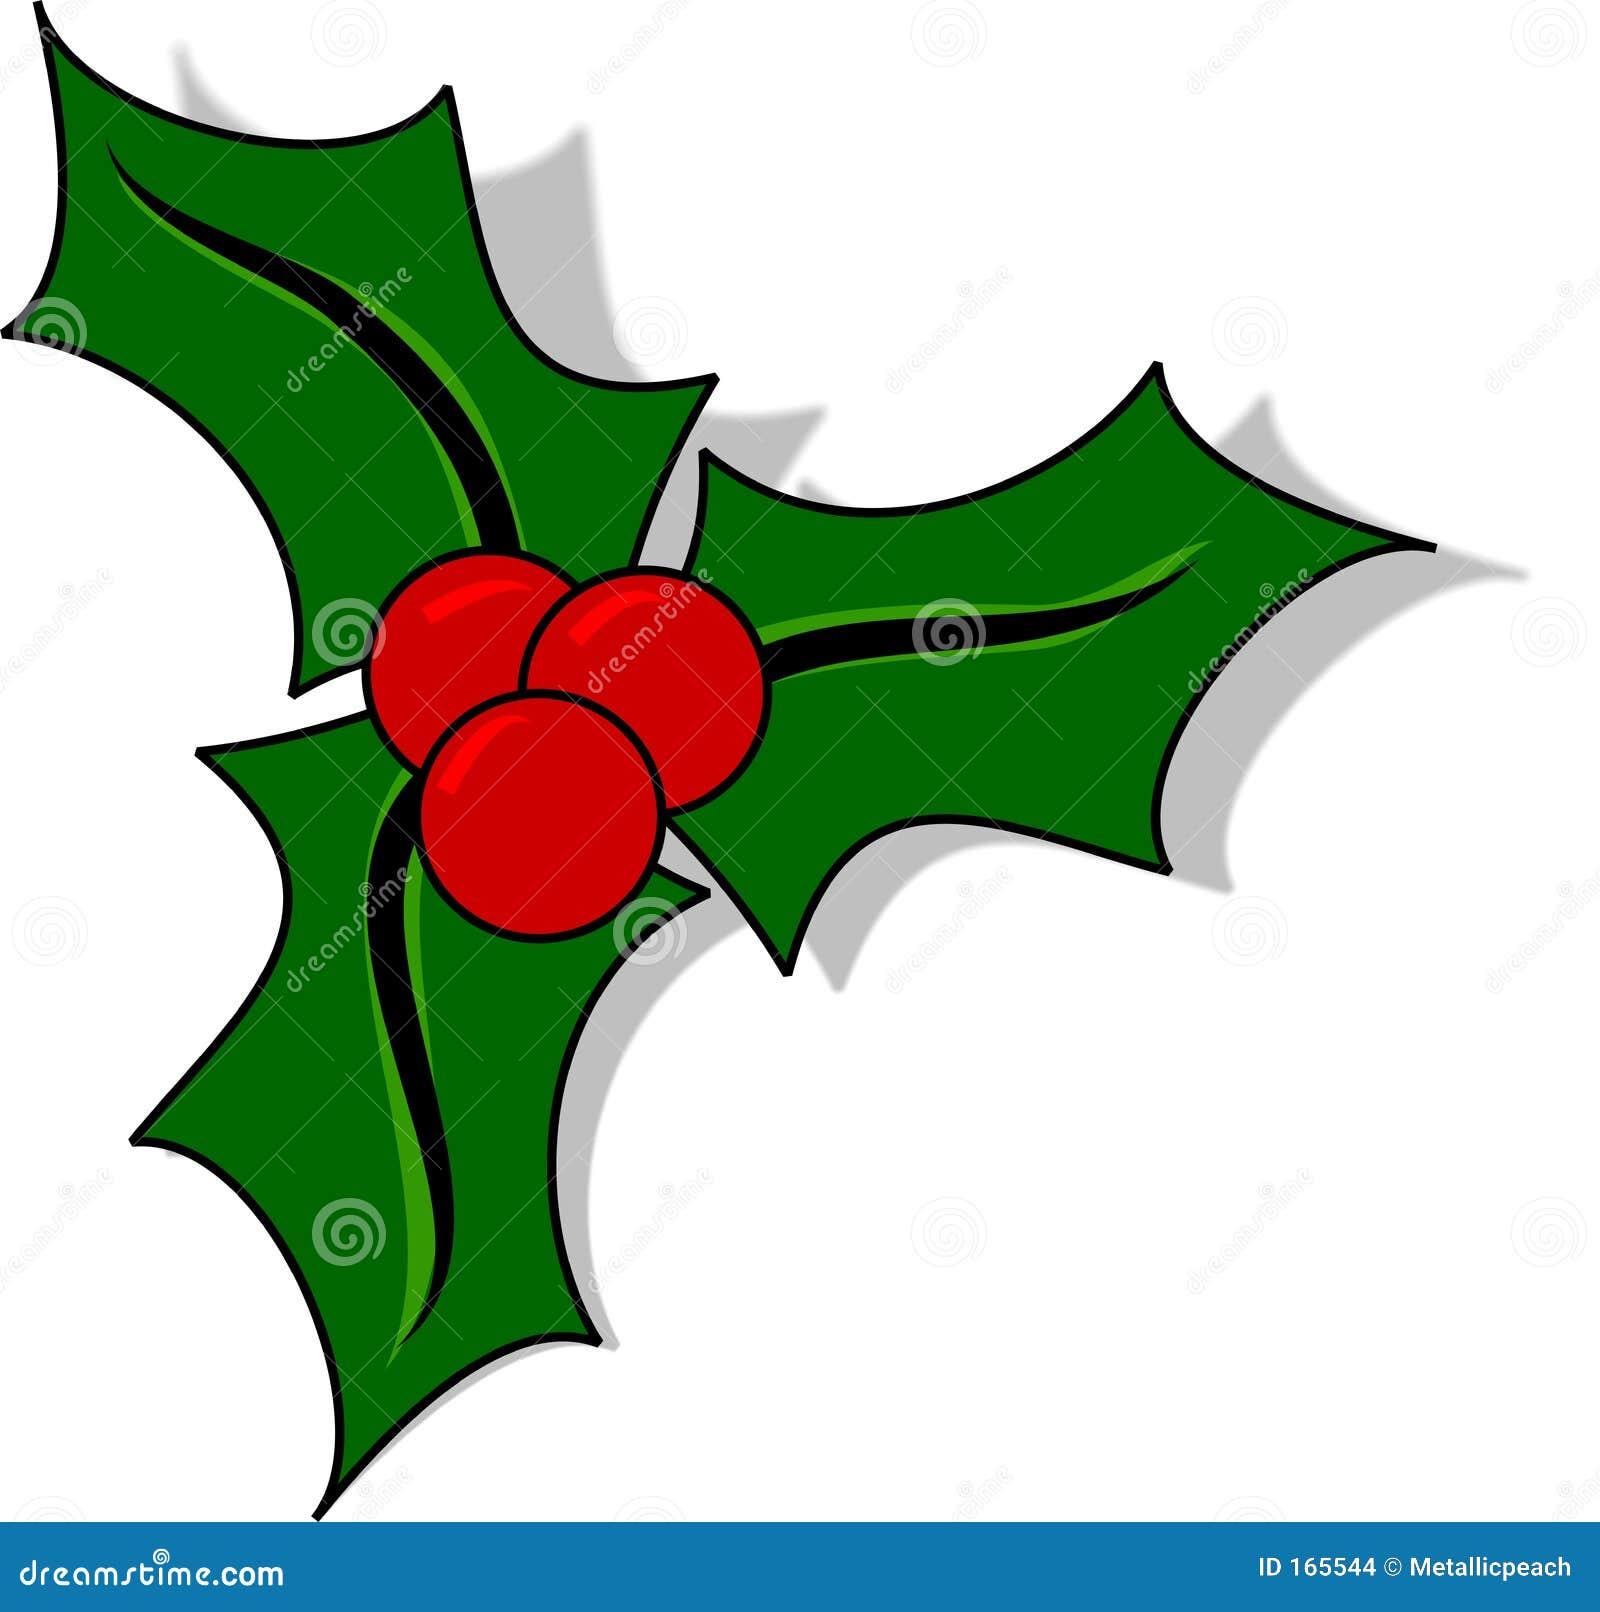 Immagini Agrifoglio Di Natale.Agrifoglio Di Natale Illustrazione Di Stock Illustrazione